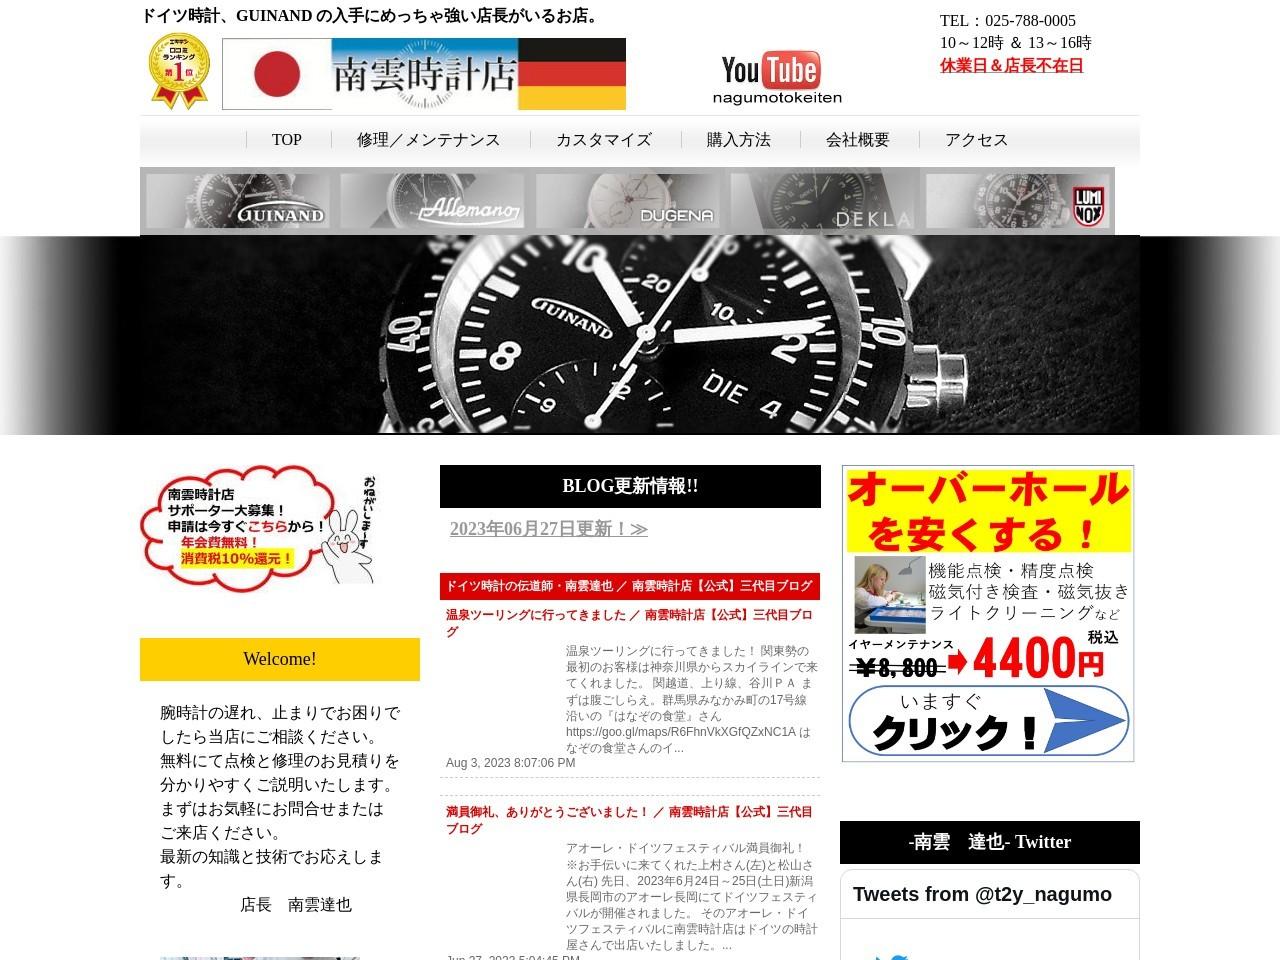 南雲時計店公式ホームページ|ドイツ仕込みの時計修理 / 新潟県内唯一 ドイツ時計の専門店